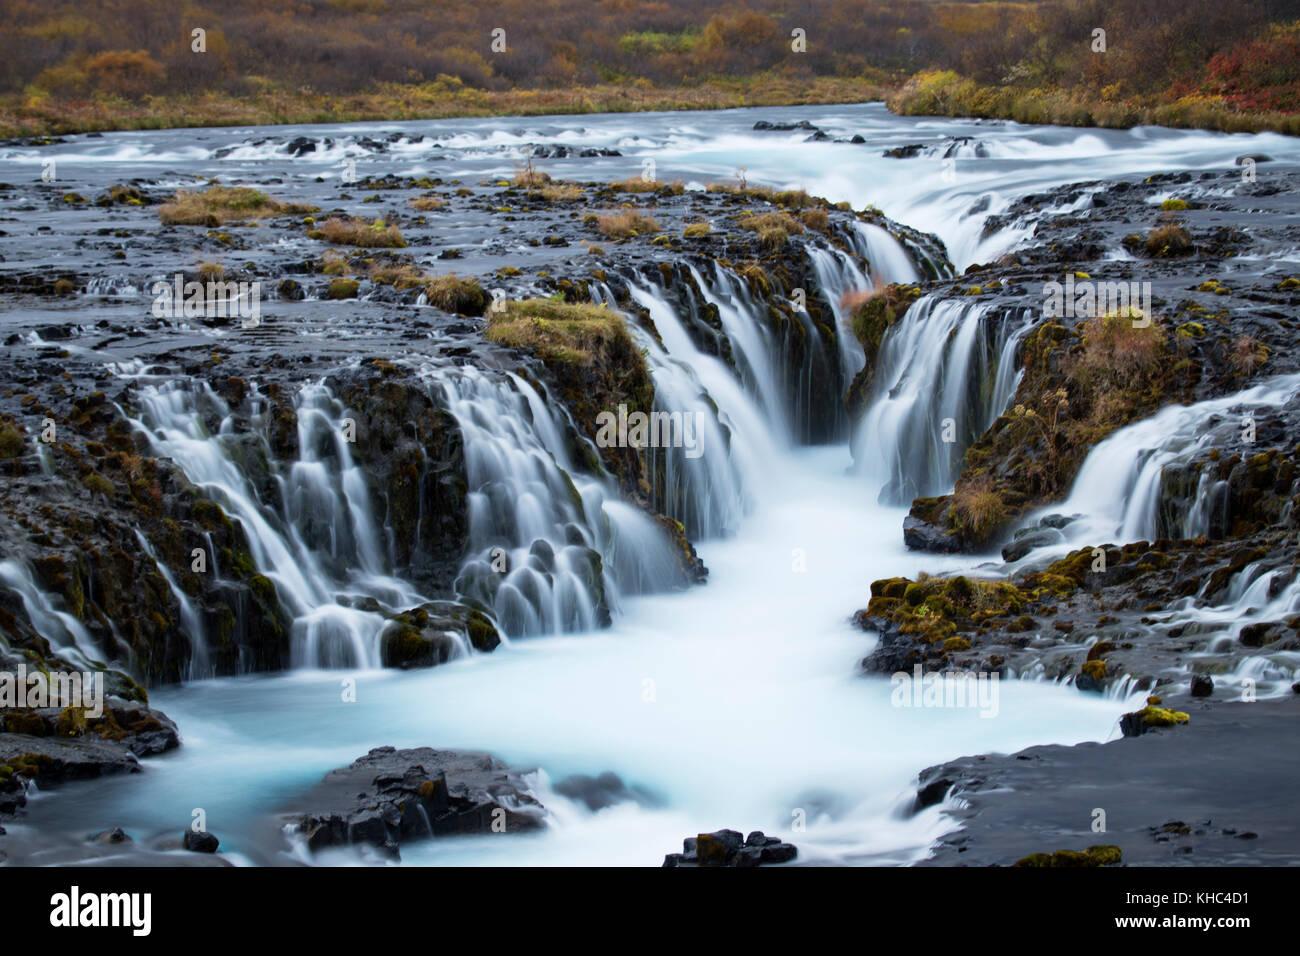 Chute d'Brúarárfoss sur le cercle d'or, une route touristique populaire en Islande. Photo Stock